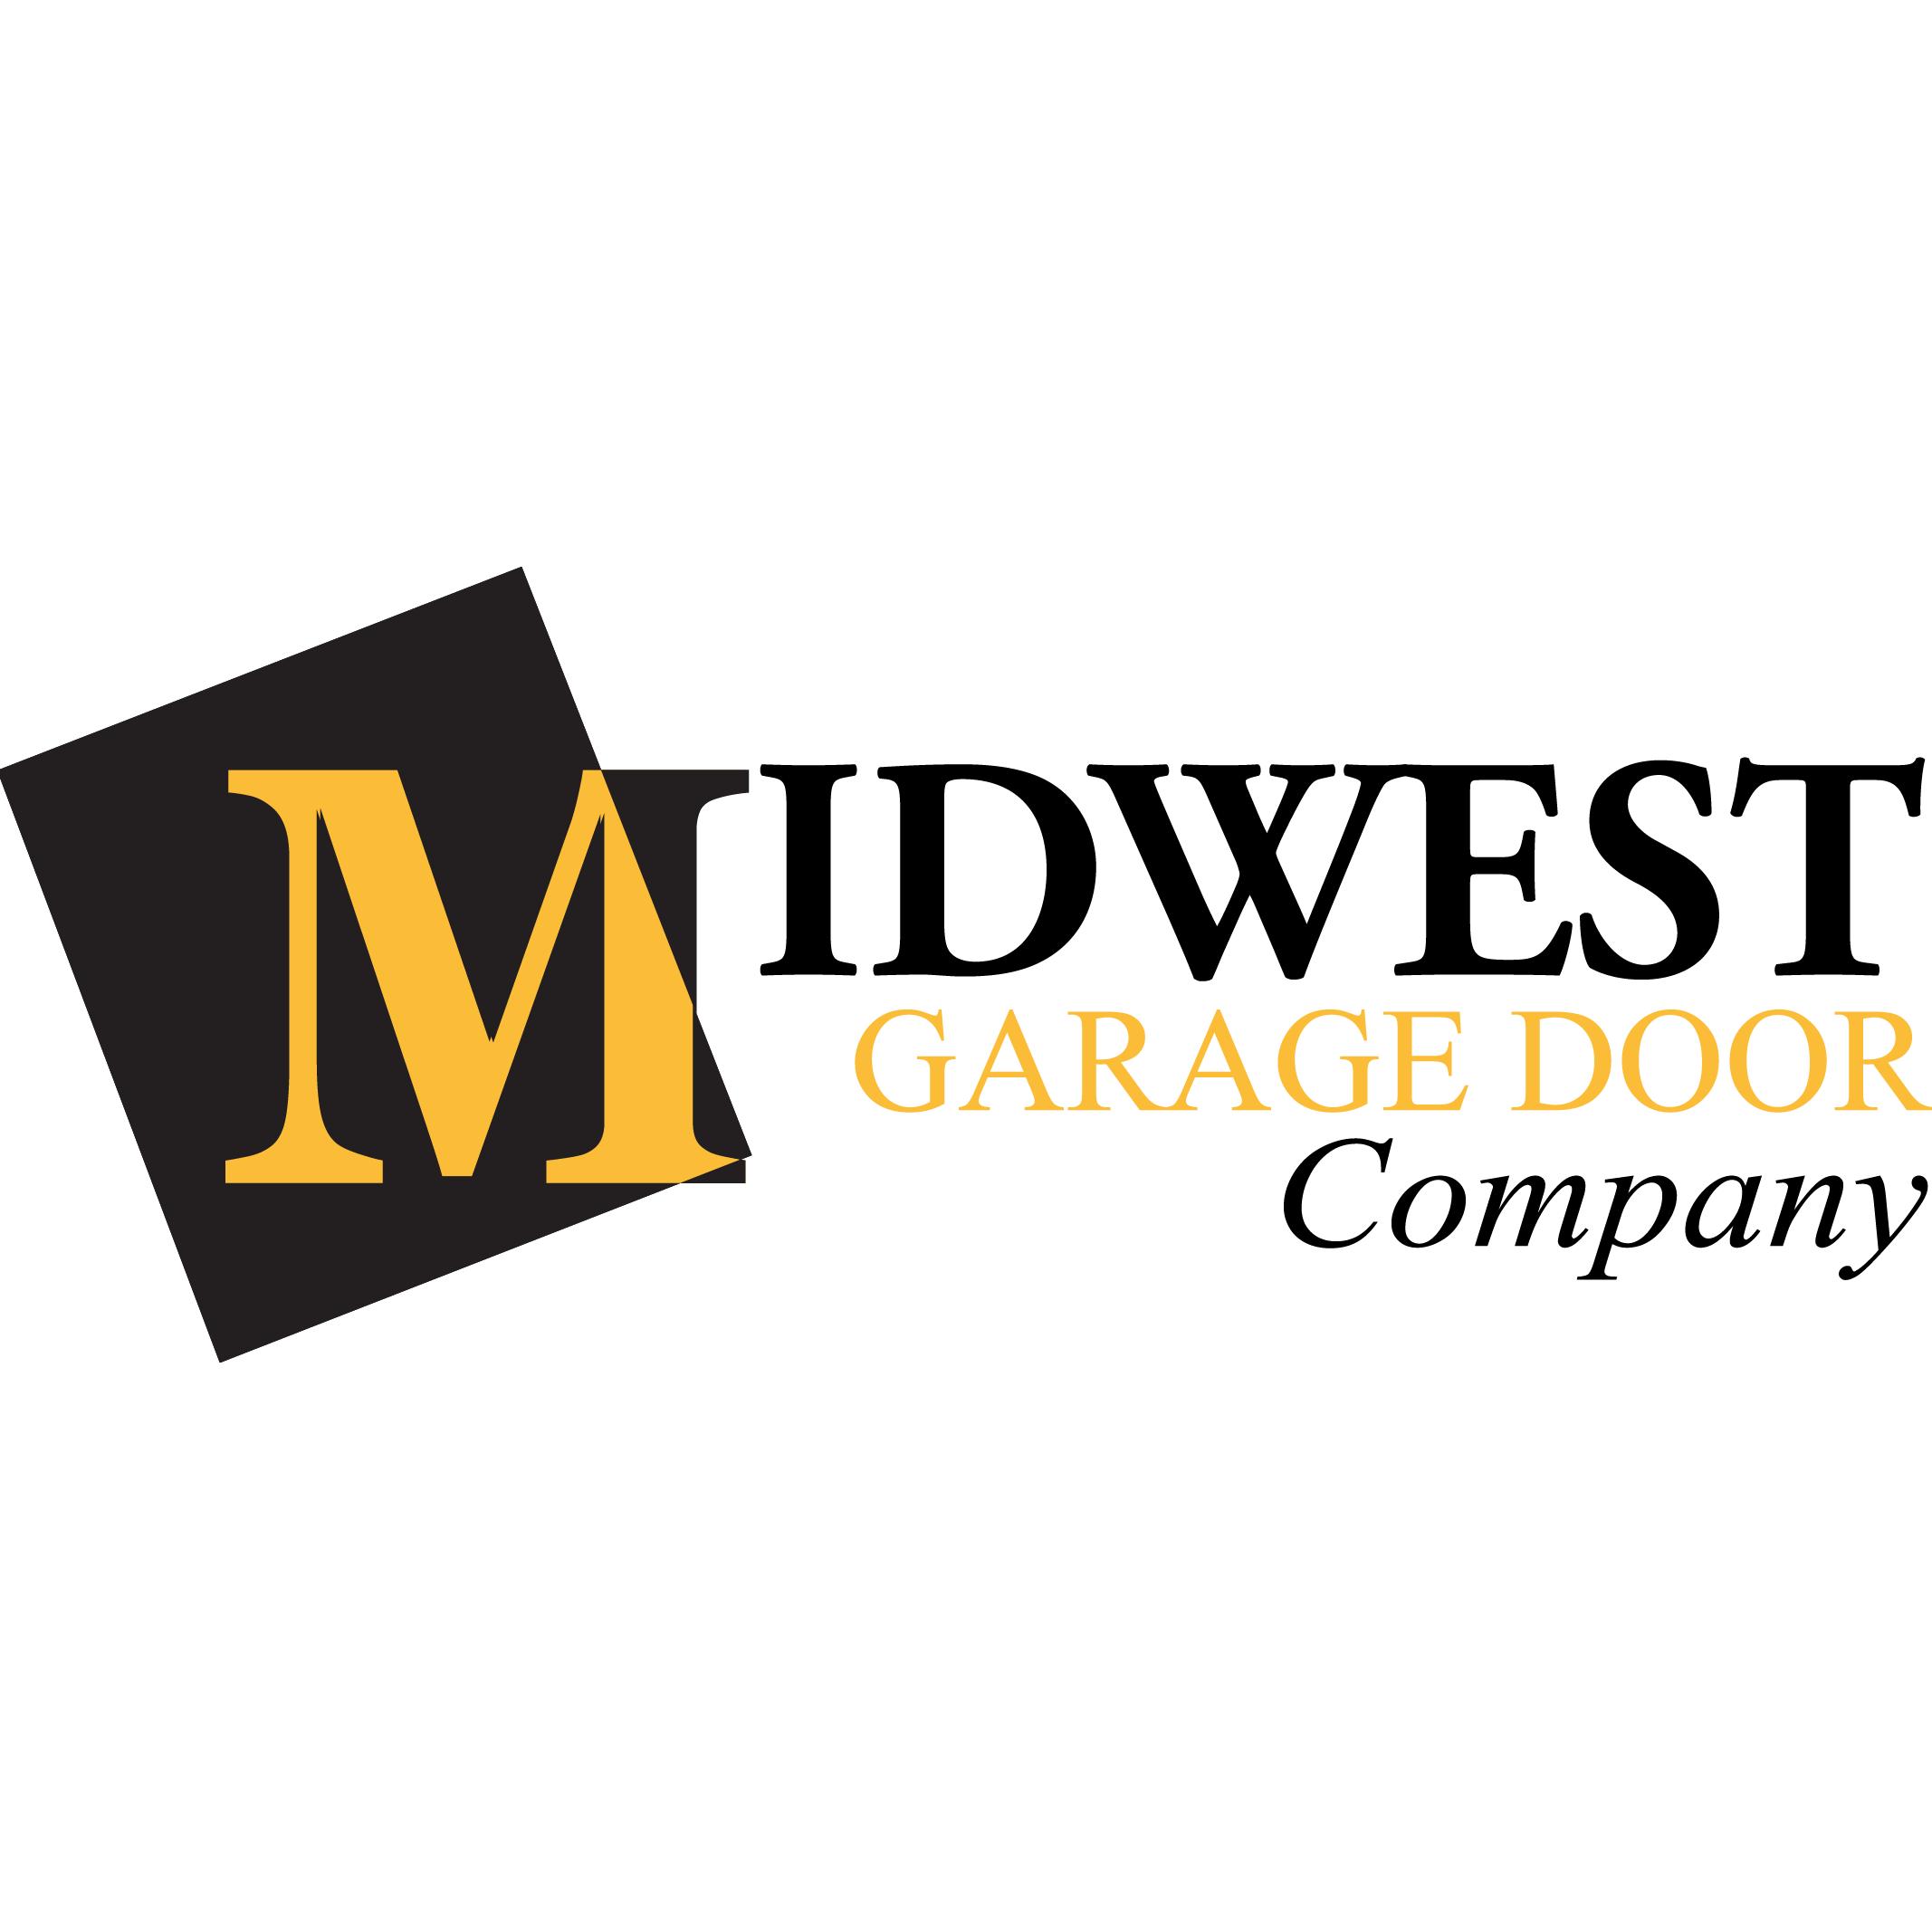 Midwest Garage Door Company image 0